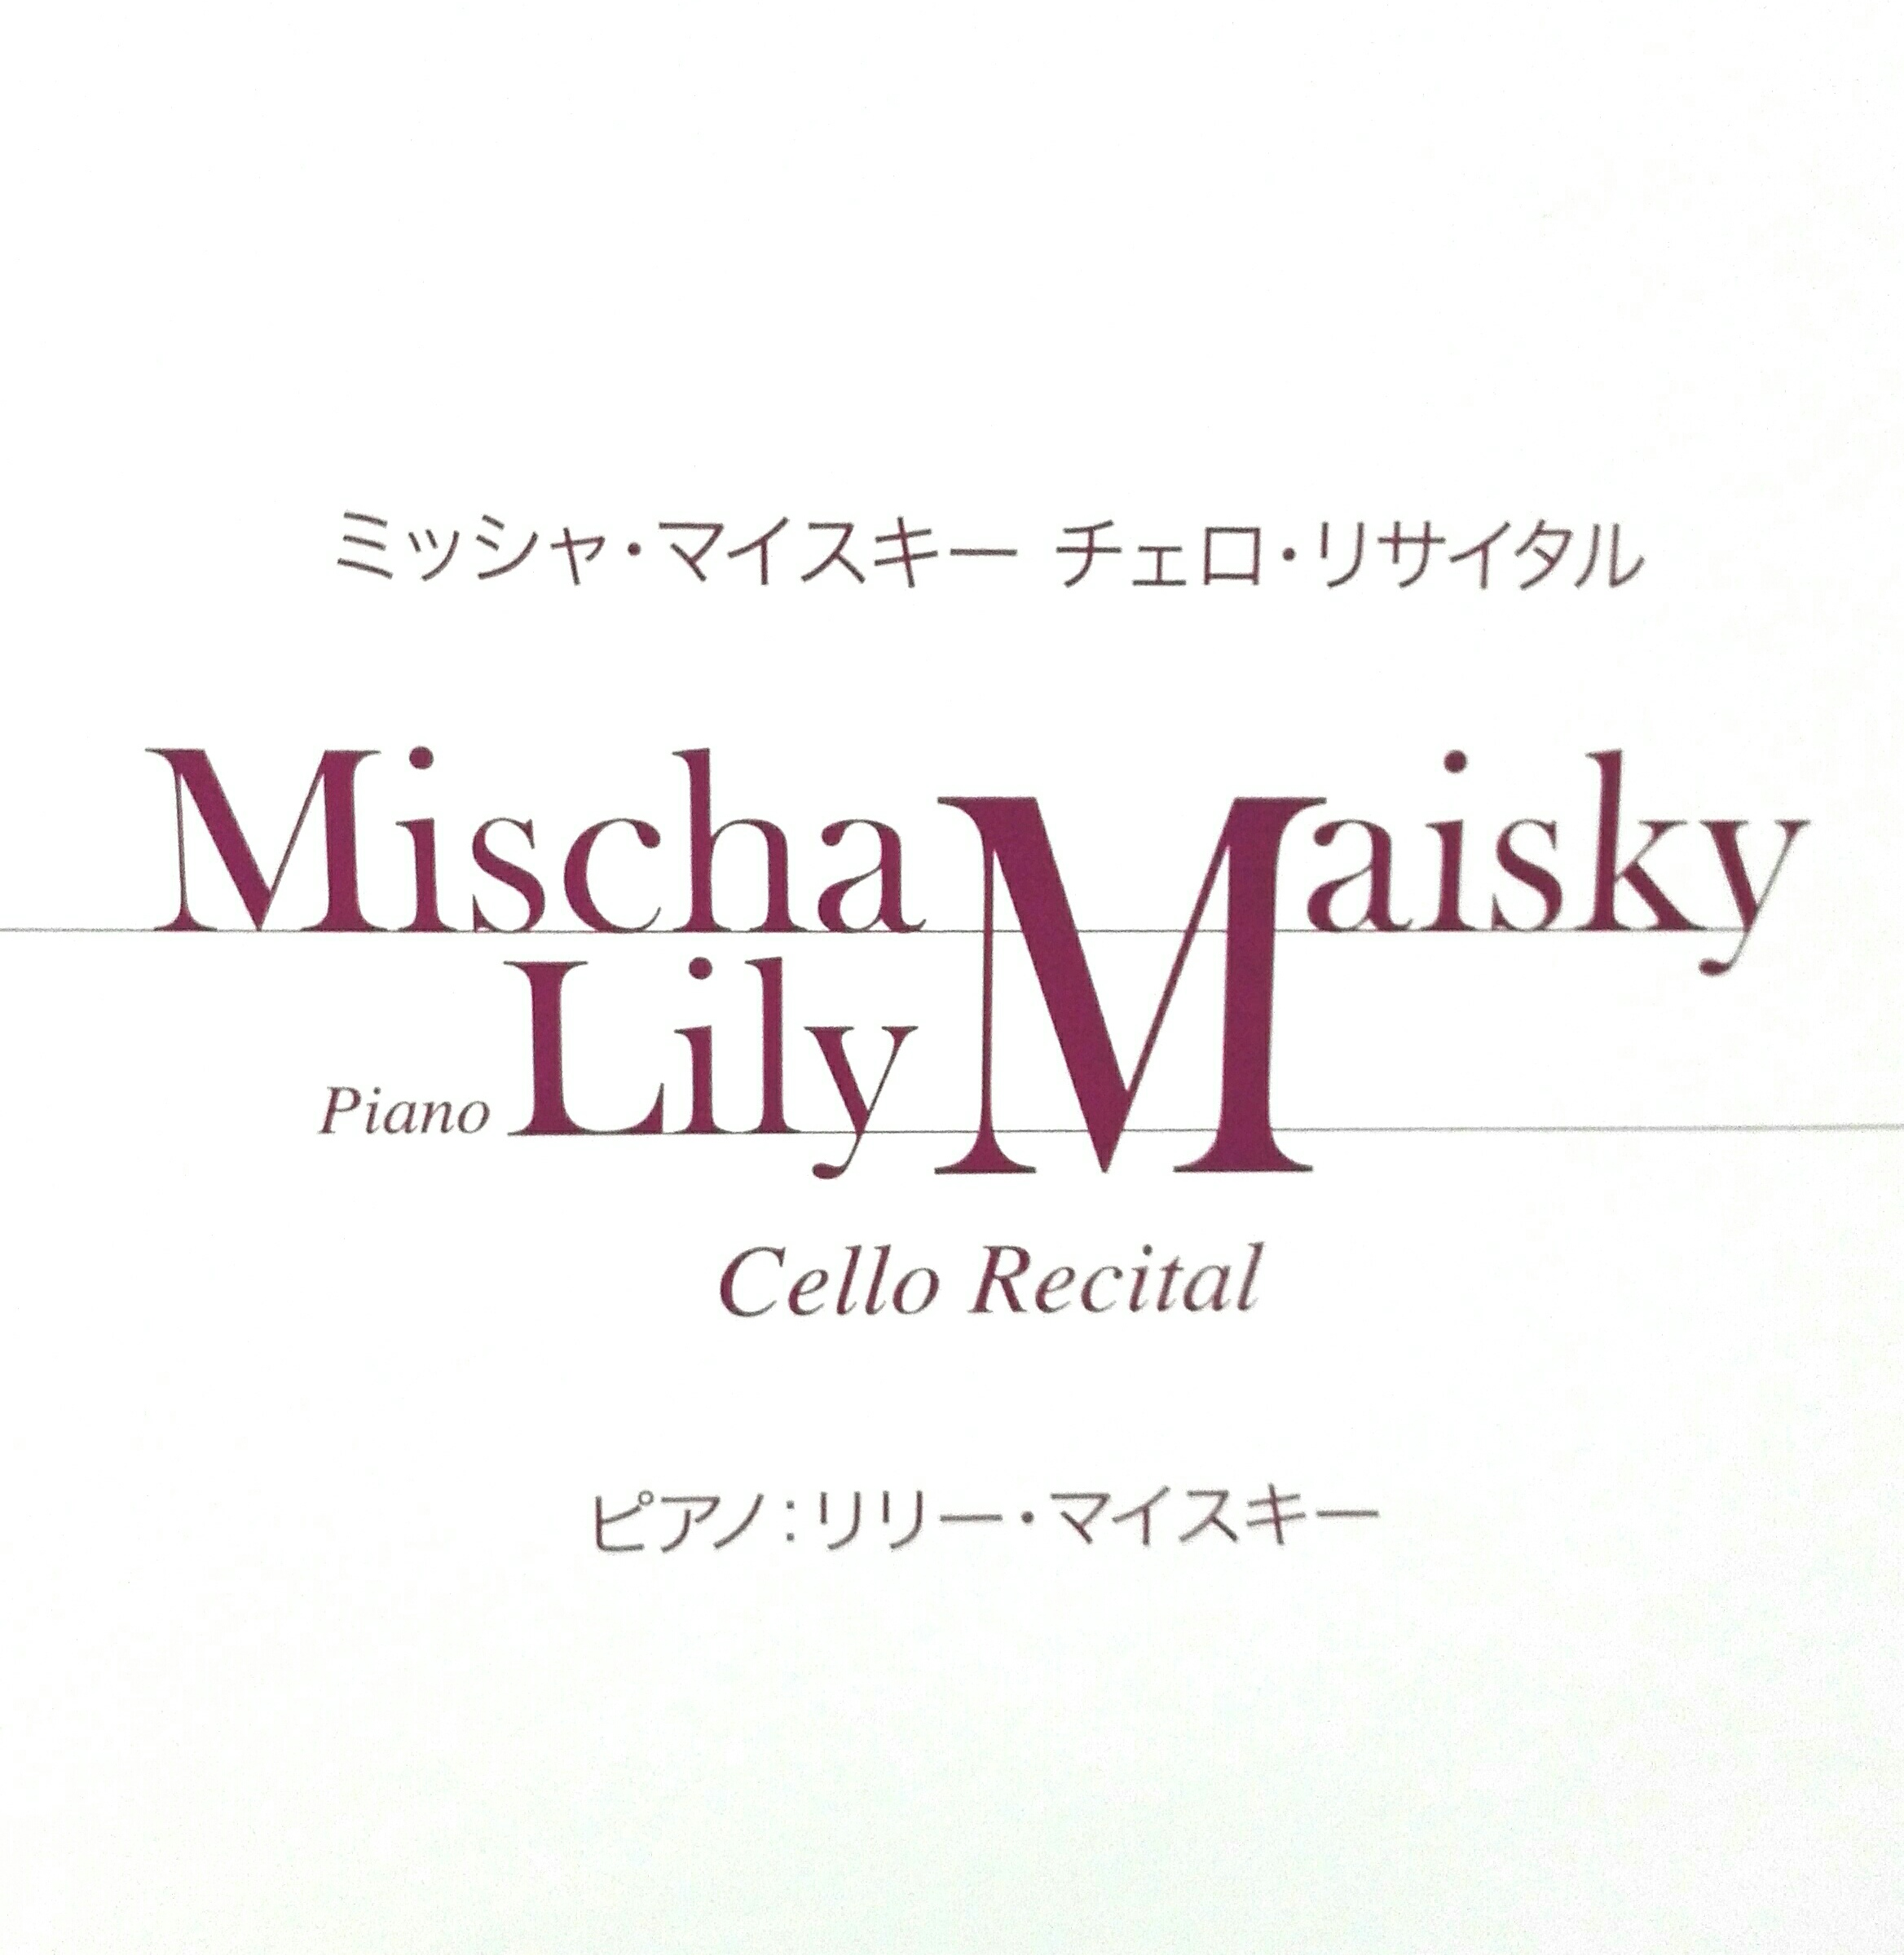 大阪フェスティバルホール ミッシャマイスキー